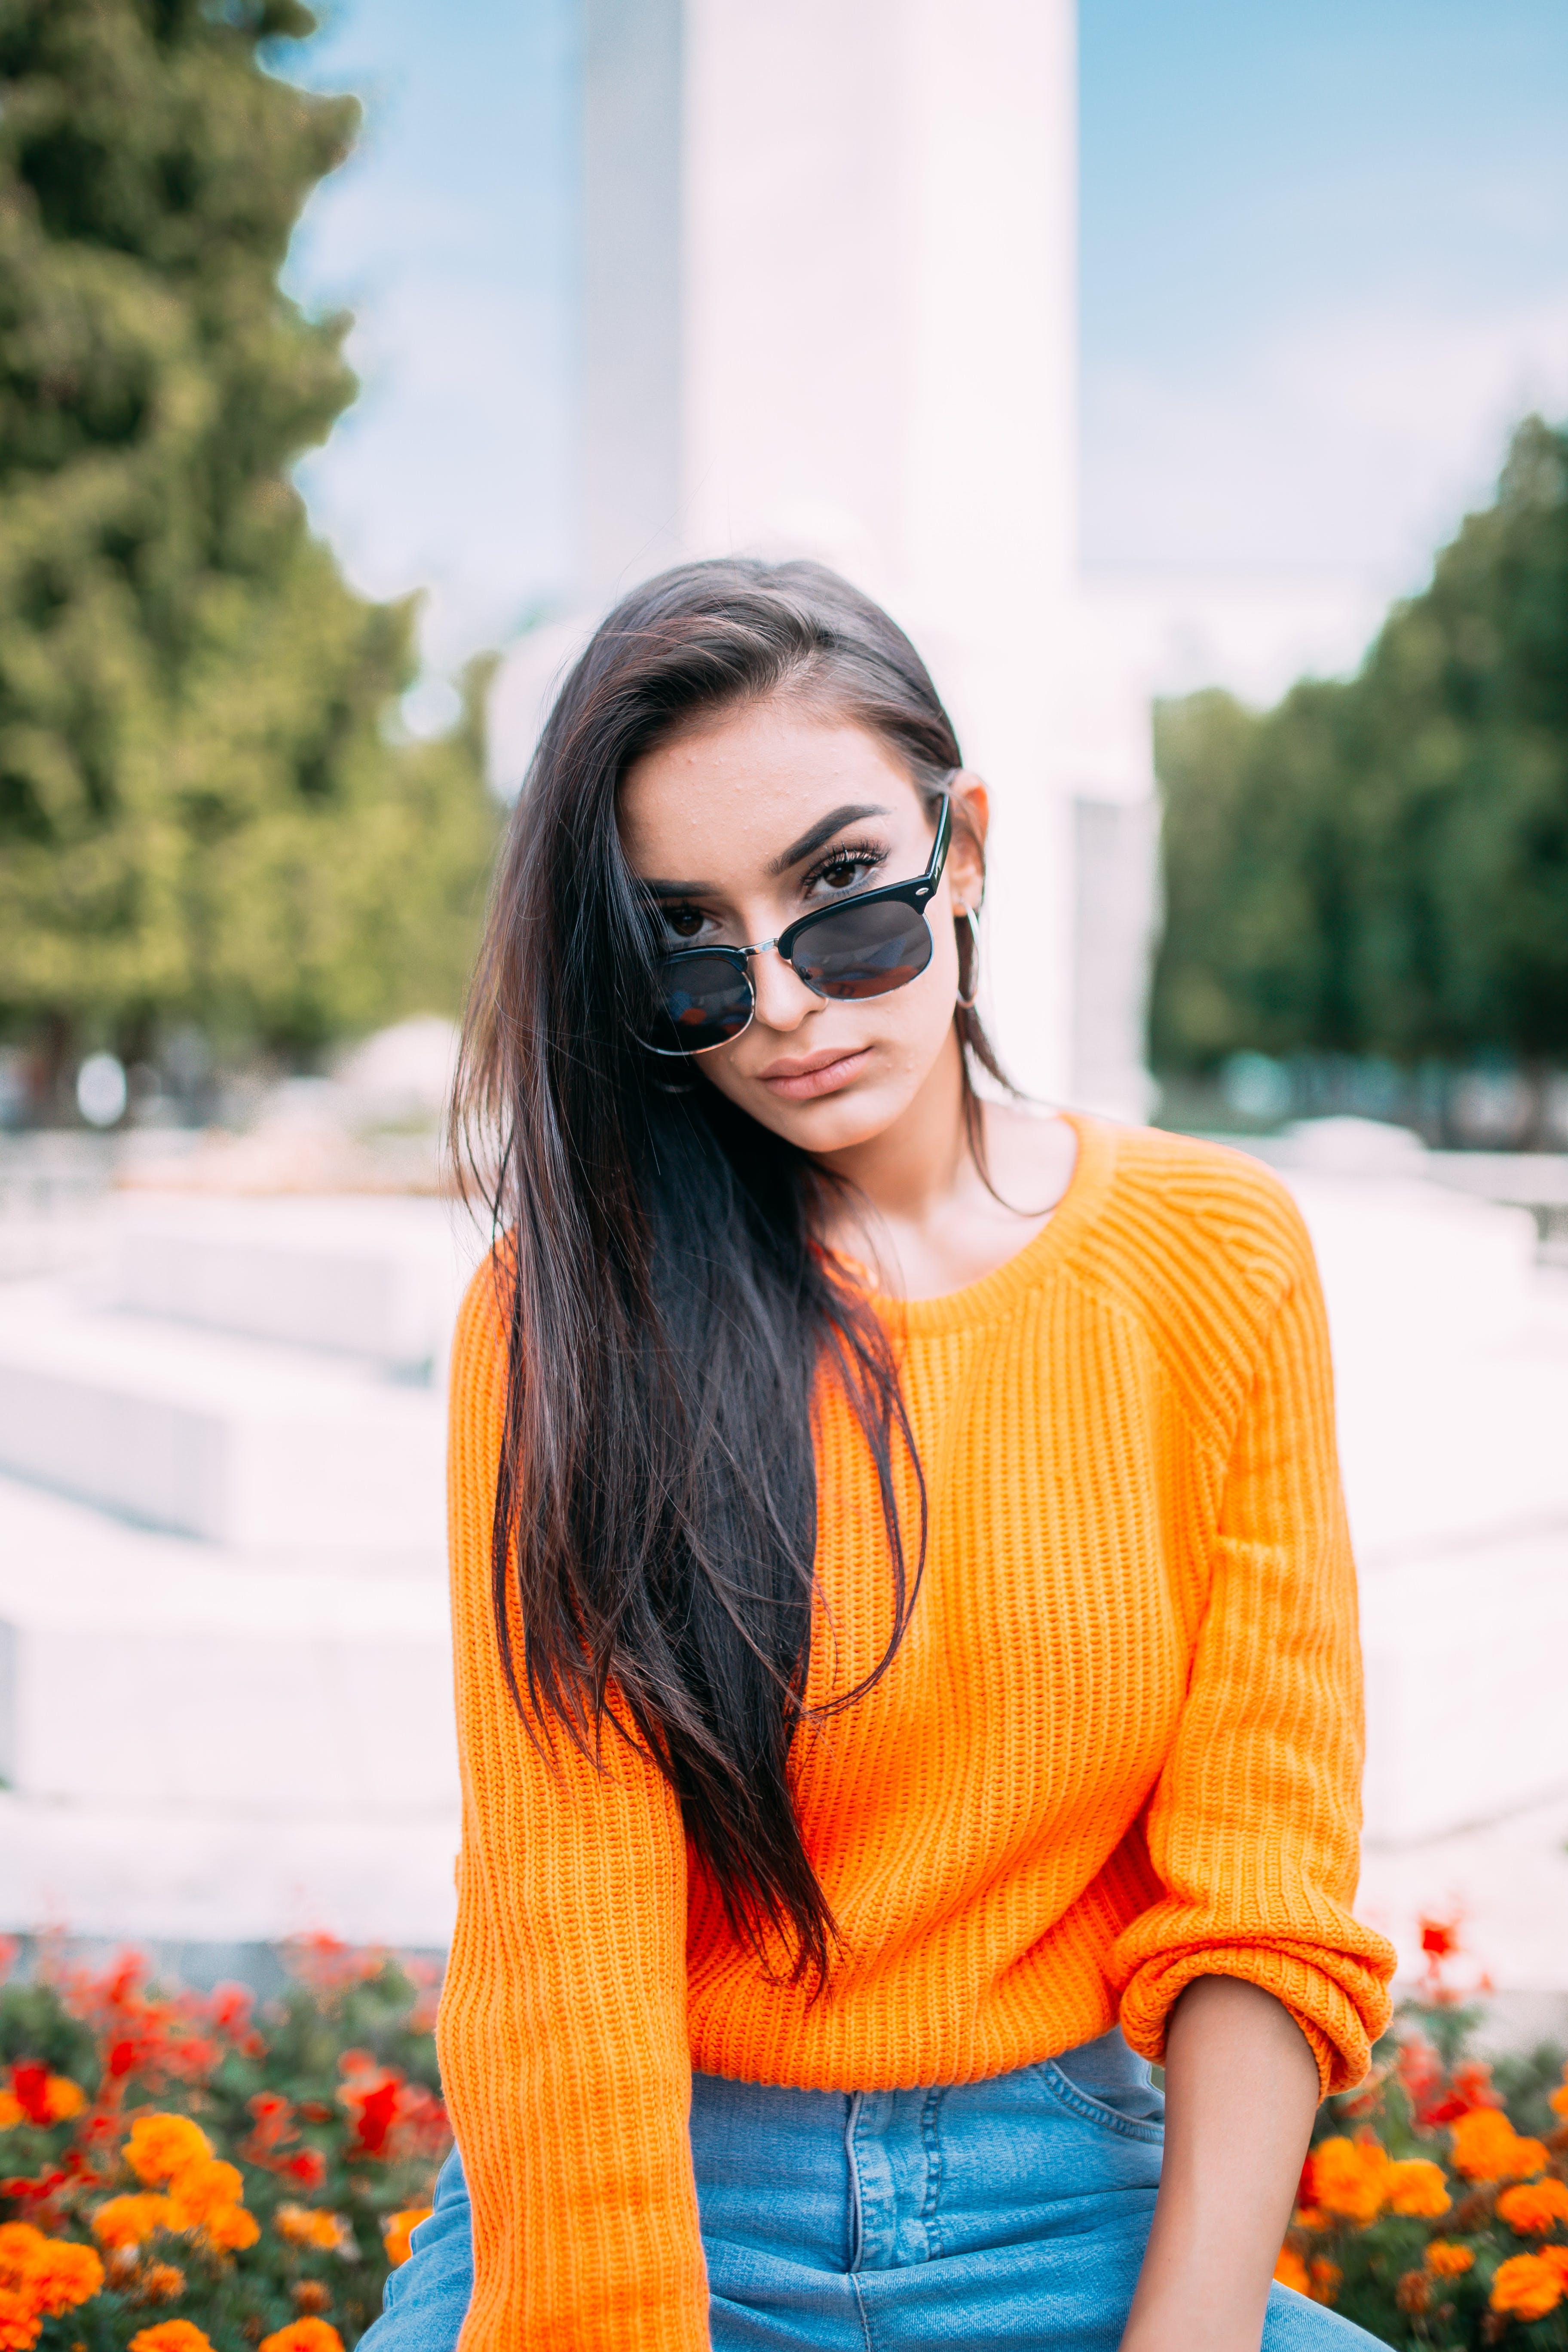 매력적인, 모델, 사람, 선글라스의 무료 스톡 사진